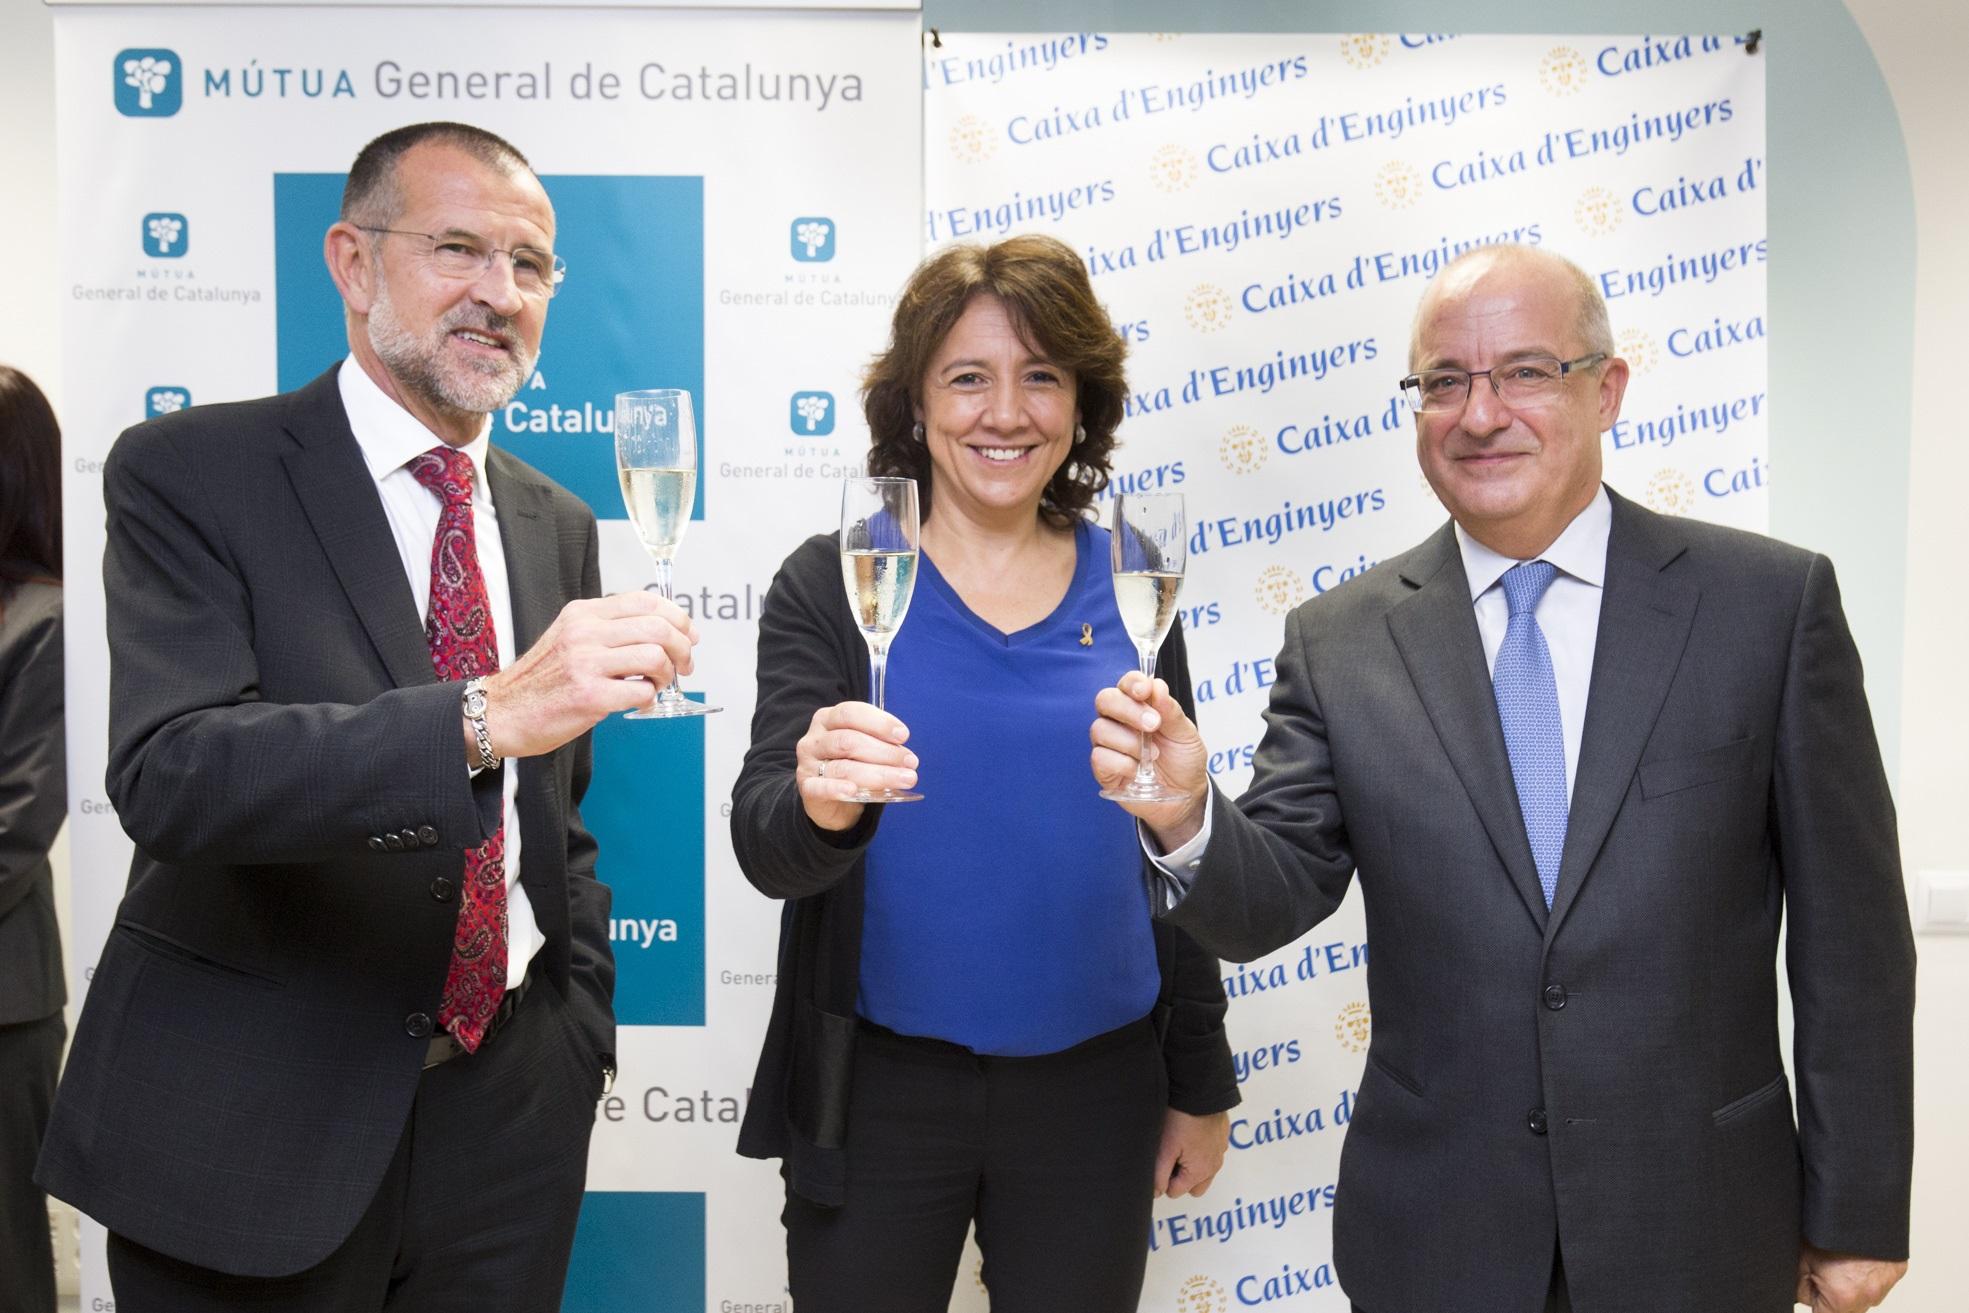 Inauguración de nuevos espacios de Caja de Ingenieros en las oficinas de Mútua General de Catalunya en Vic y Manresa